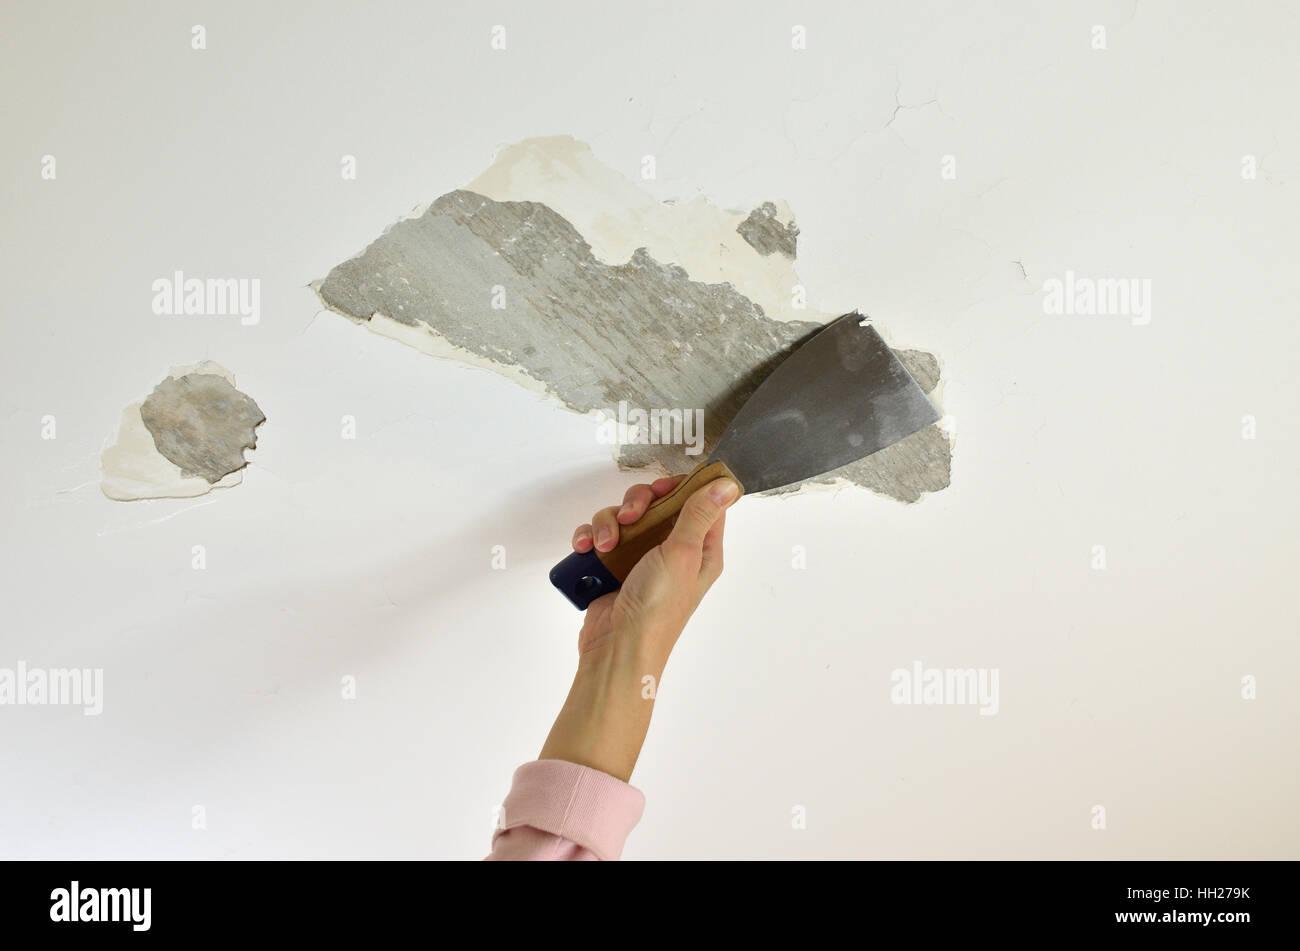 Hand Mit Einem Gips Spatel, Schaben Eine Decke, Bereitet Sie Für Die  Renovierung